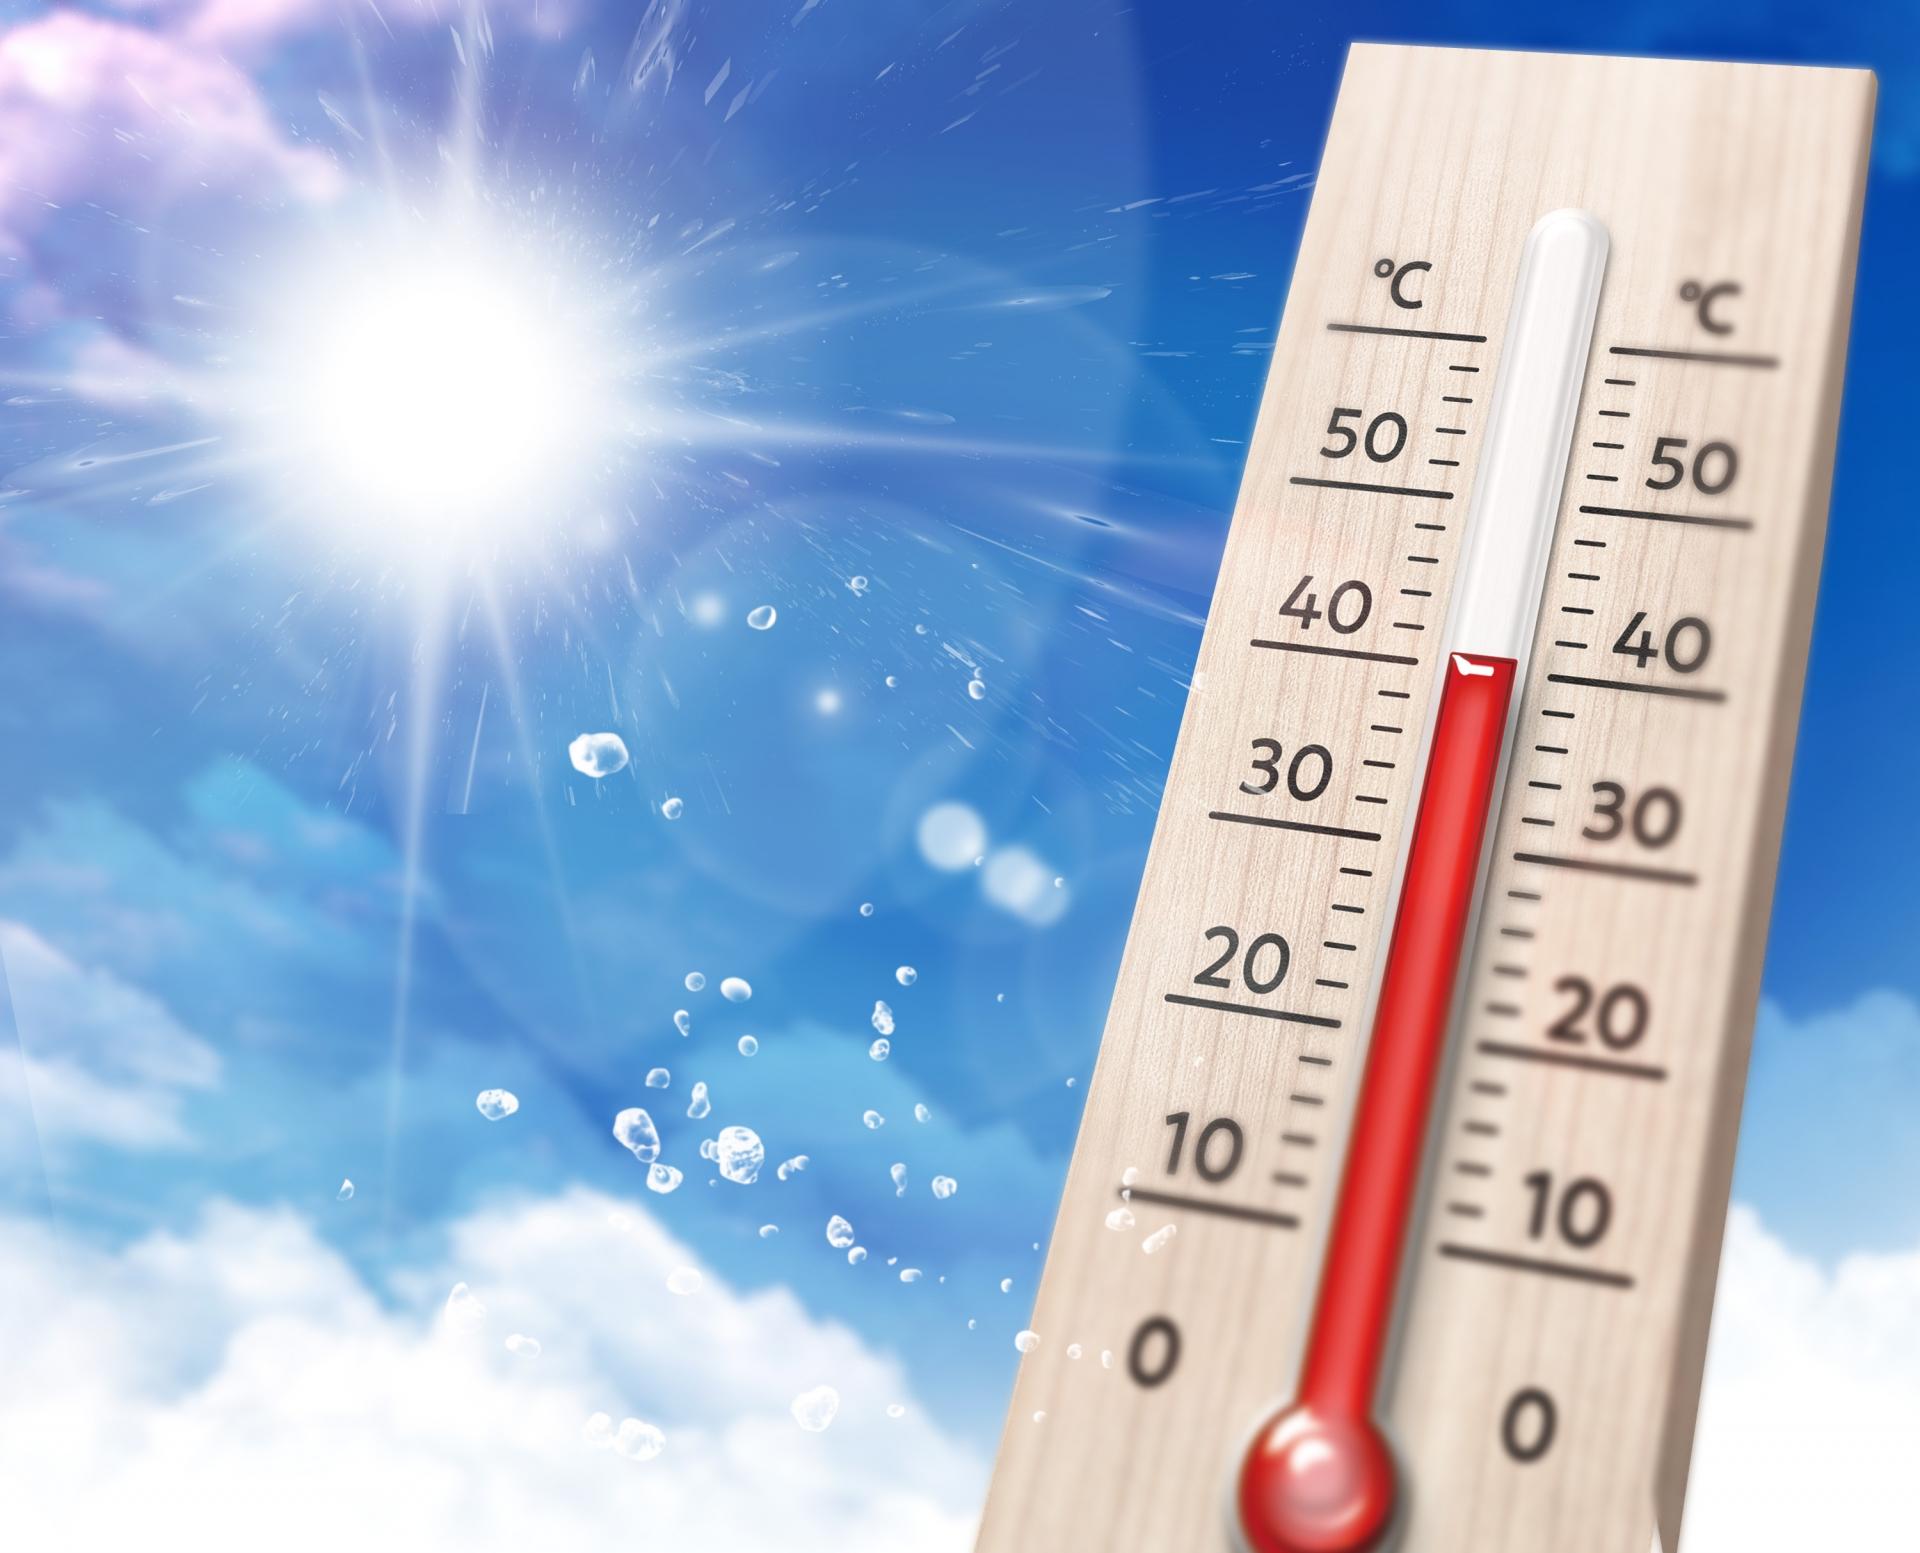 『熱中症対策』のいろは。水分補給や運動、質の高い睡眠などでリスクを解消!